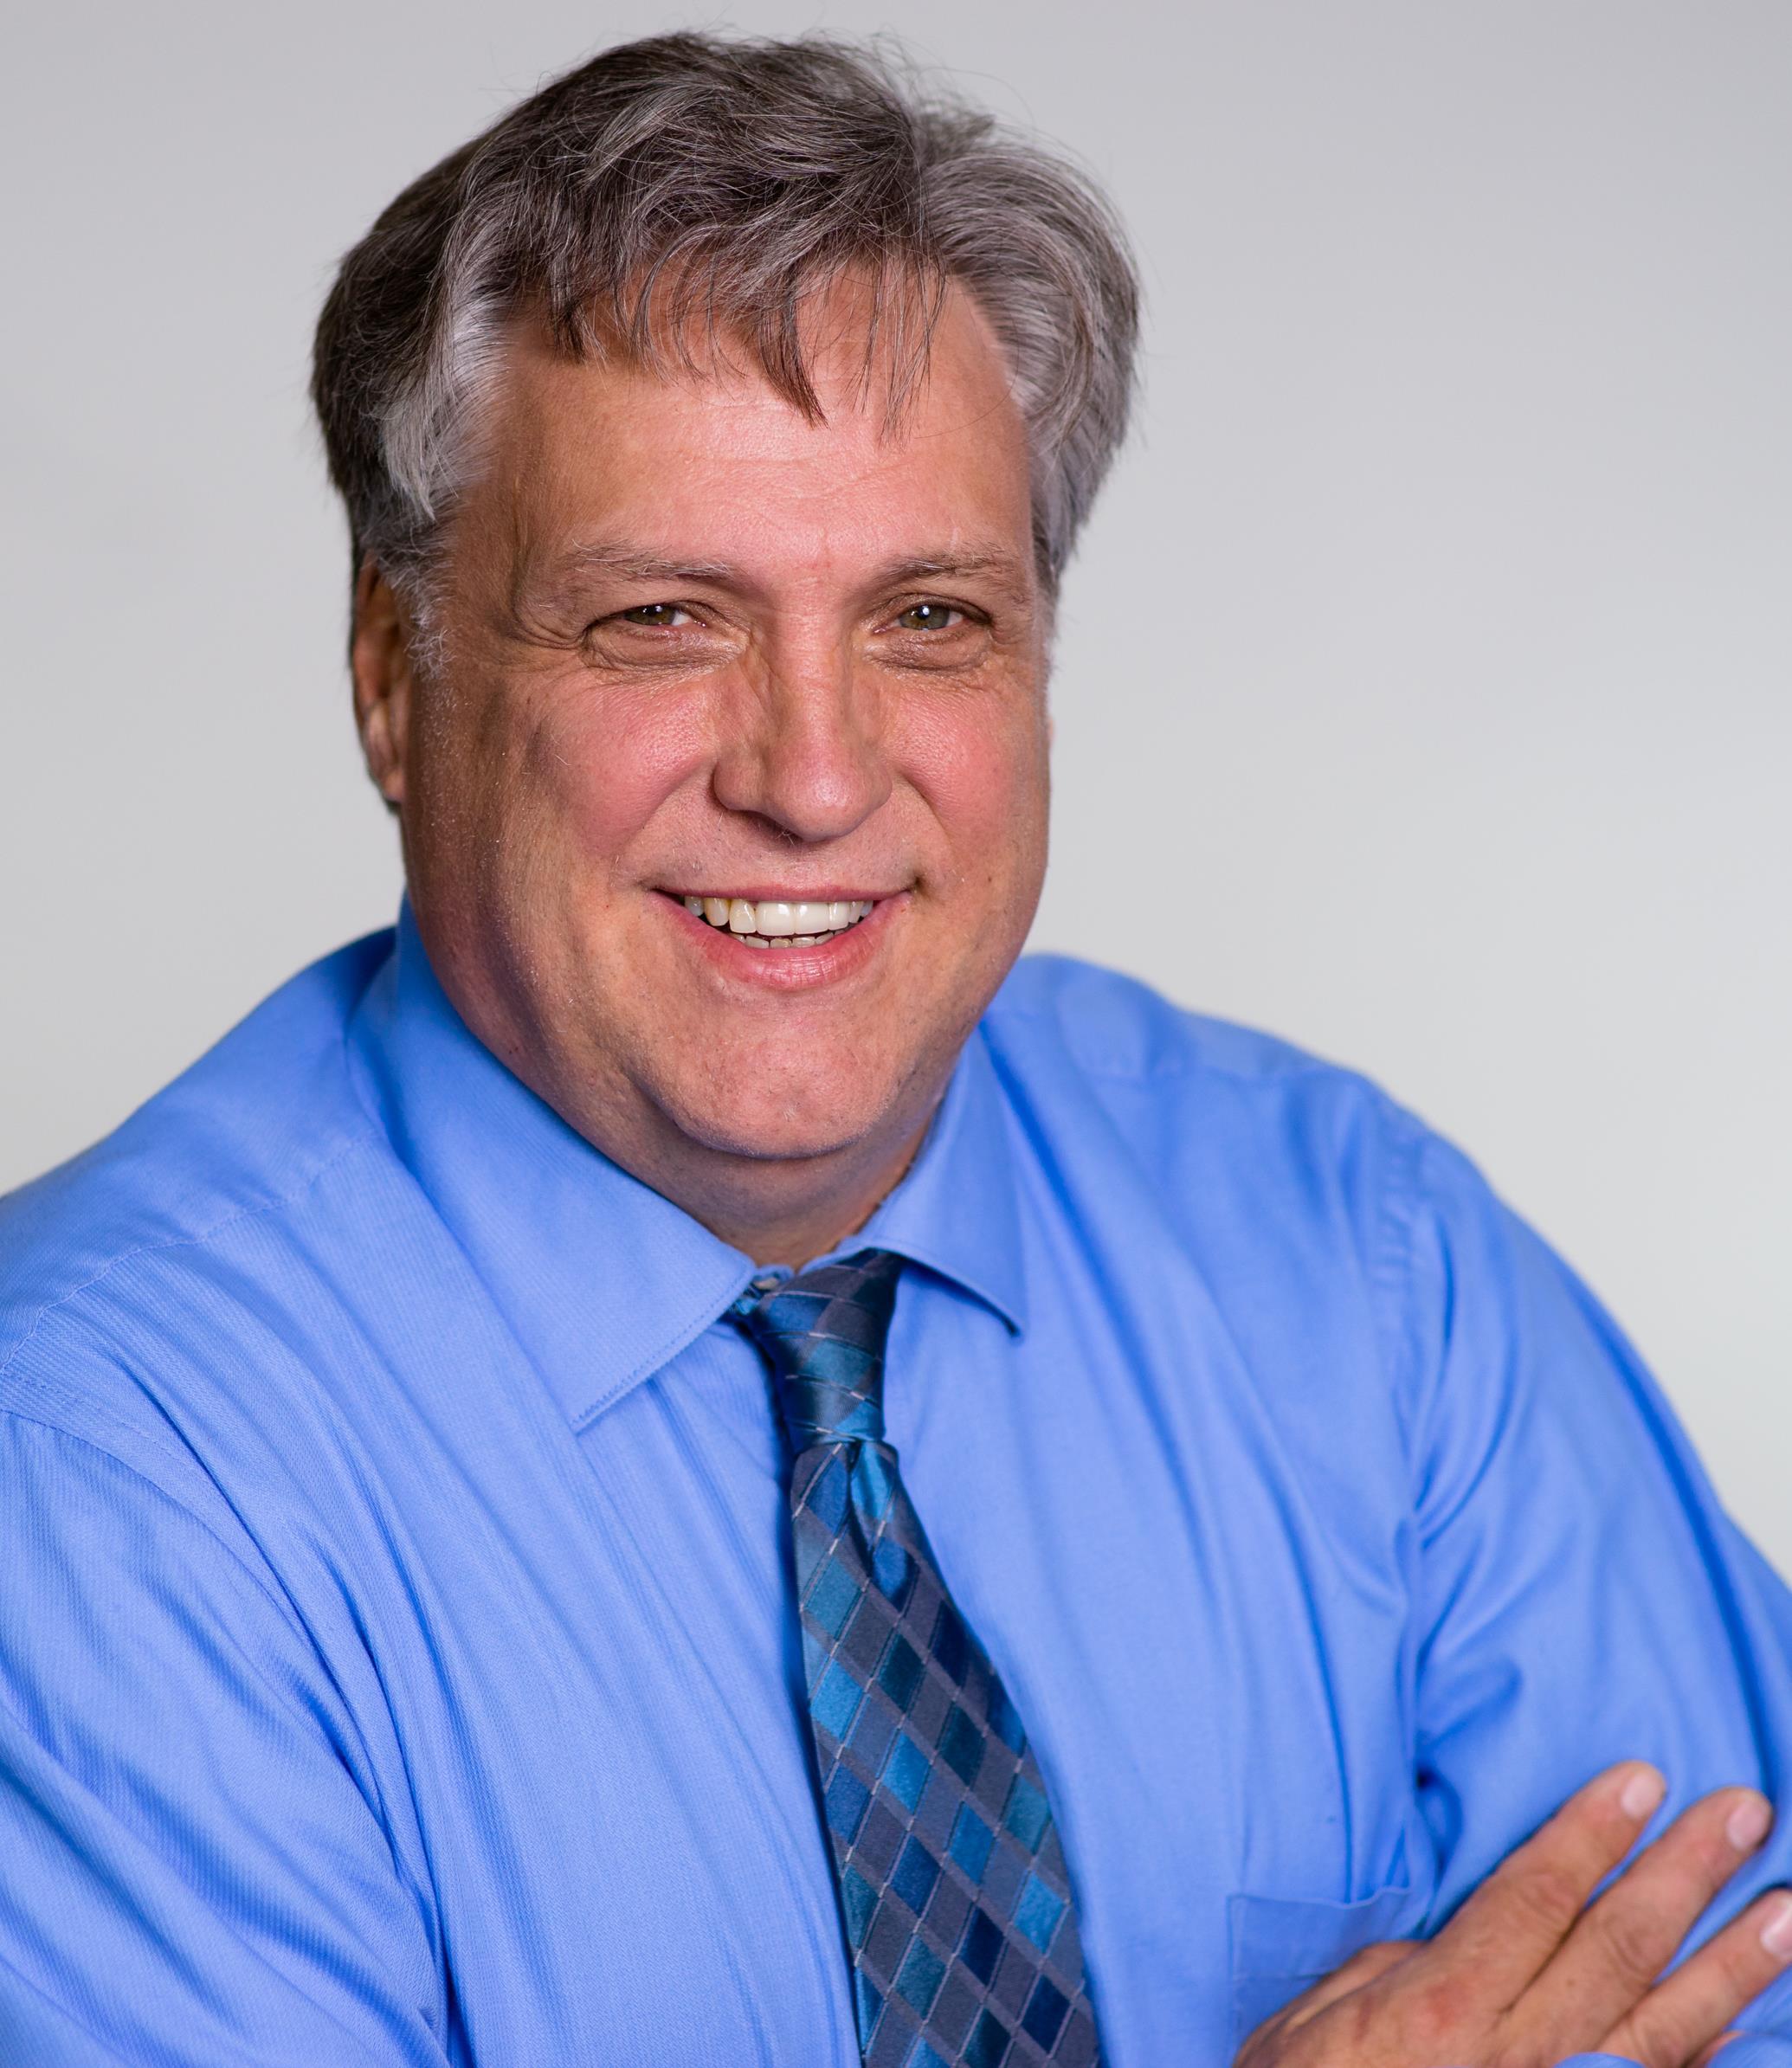 Jim Neumann